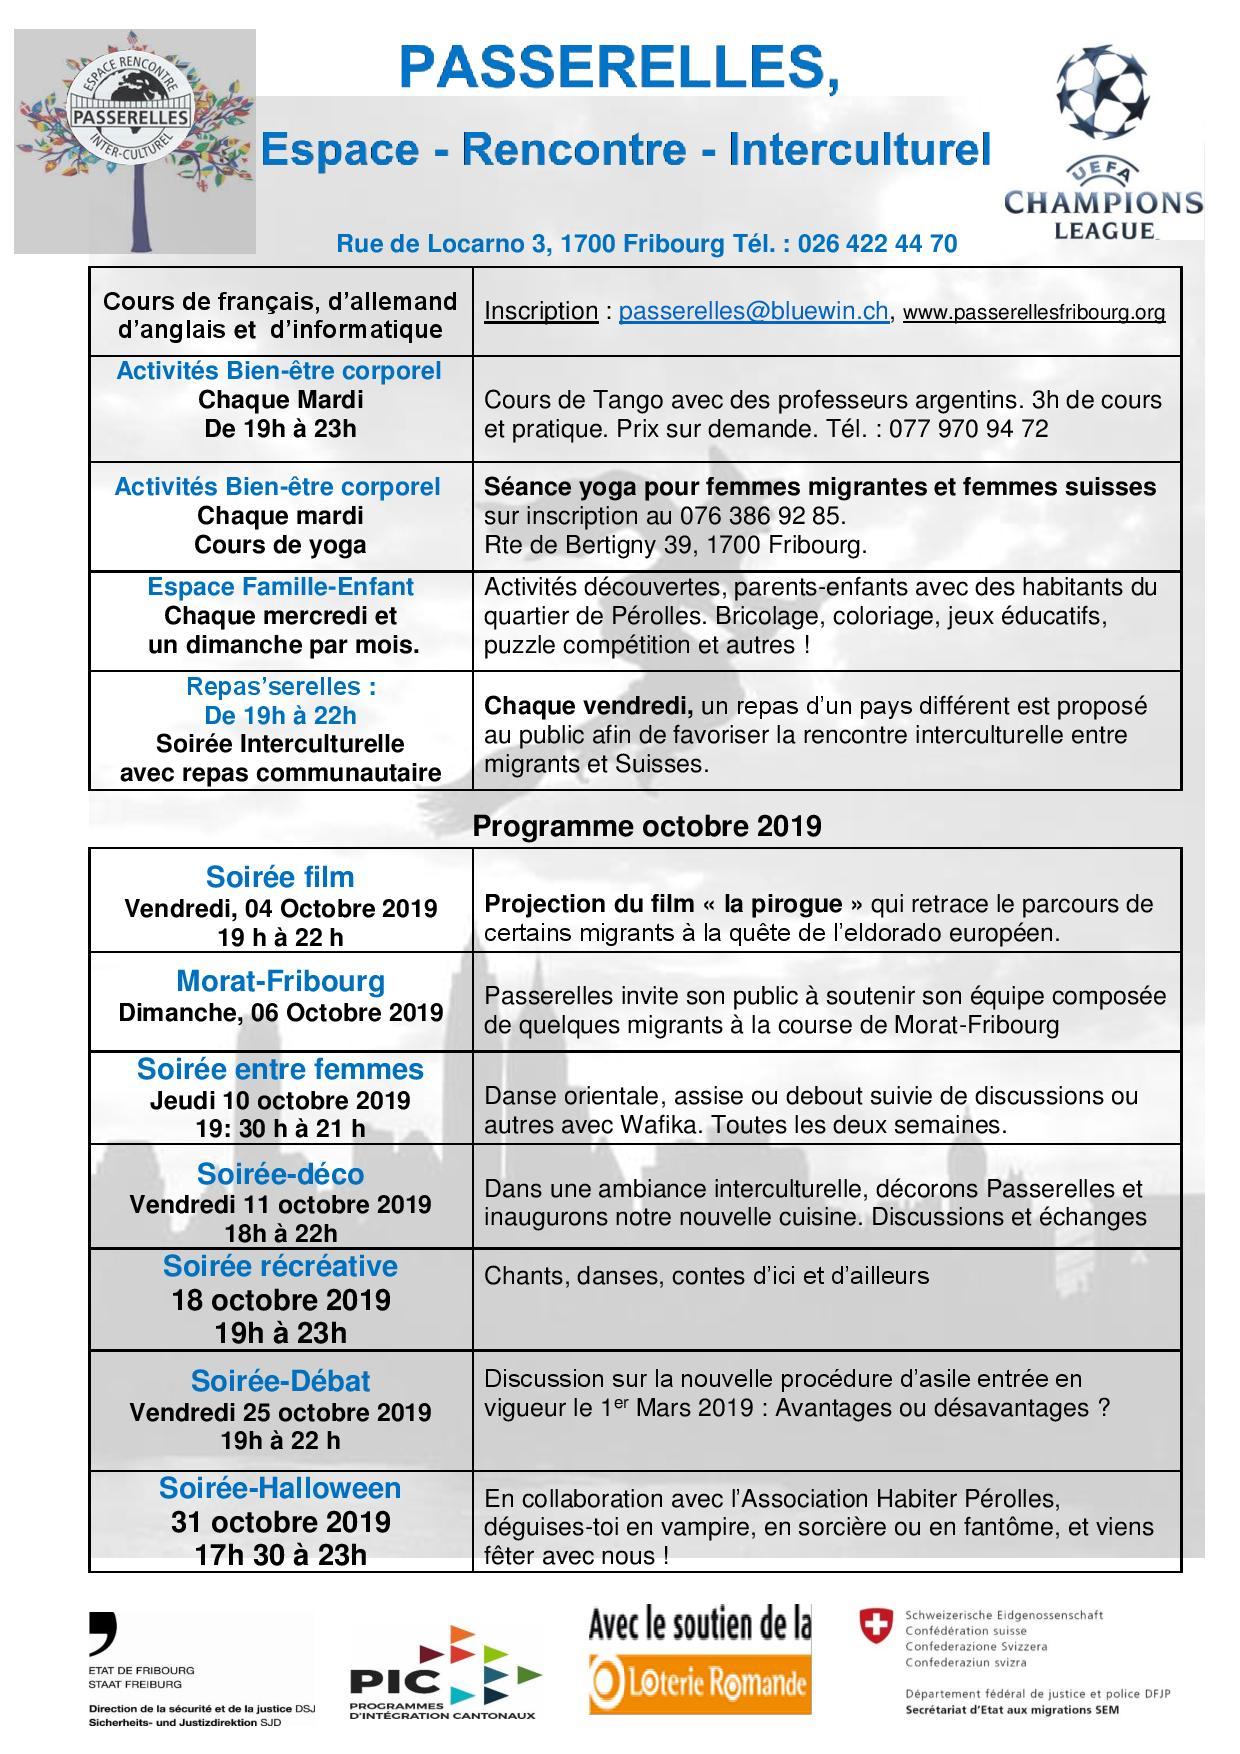 Programme 10-2019